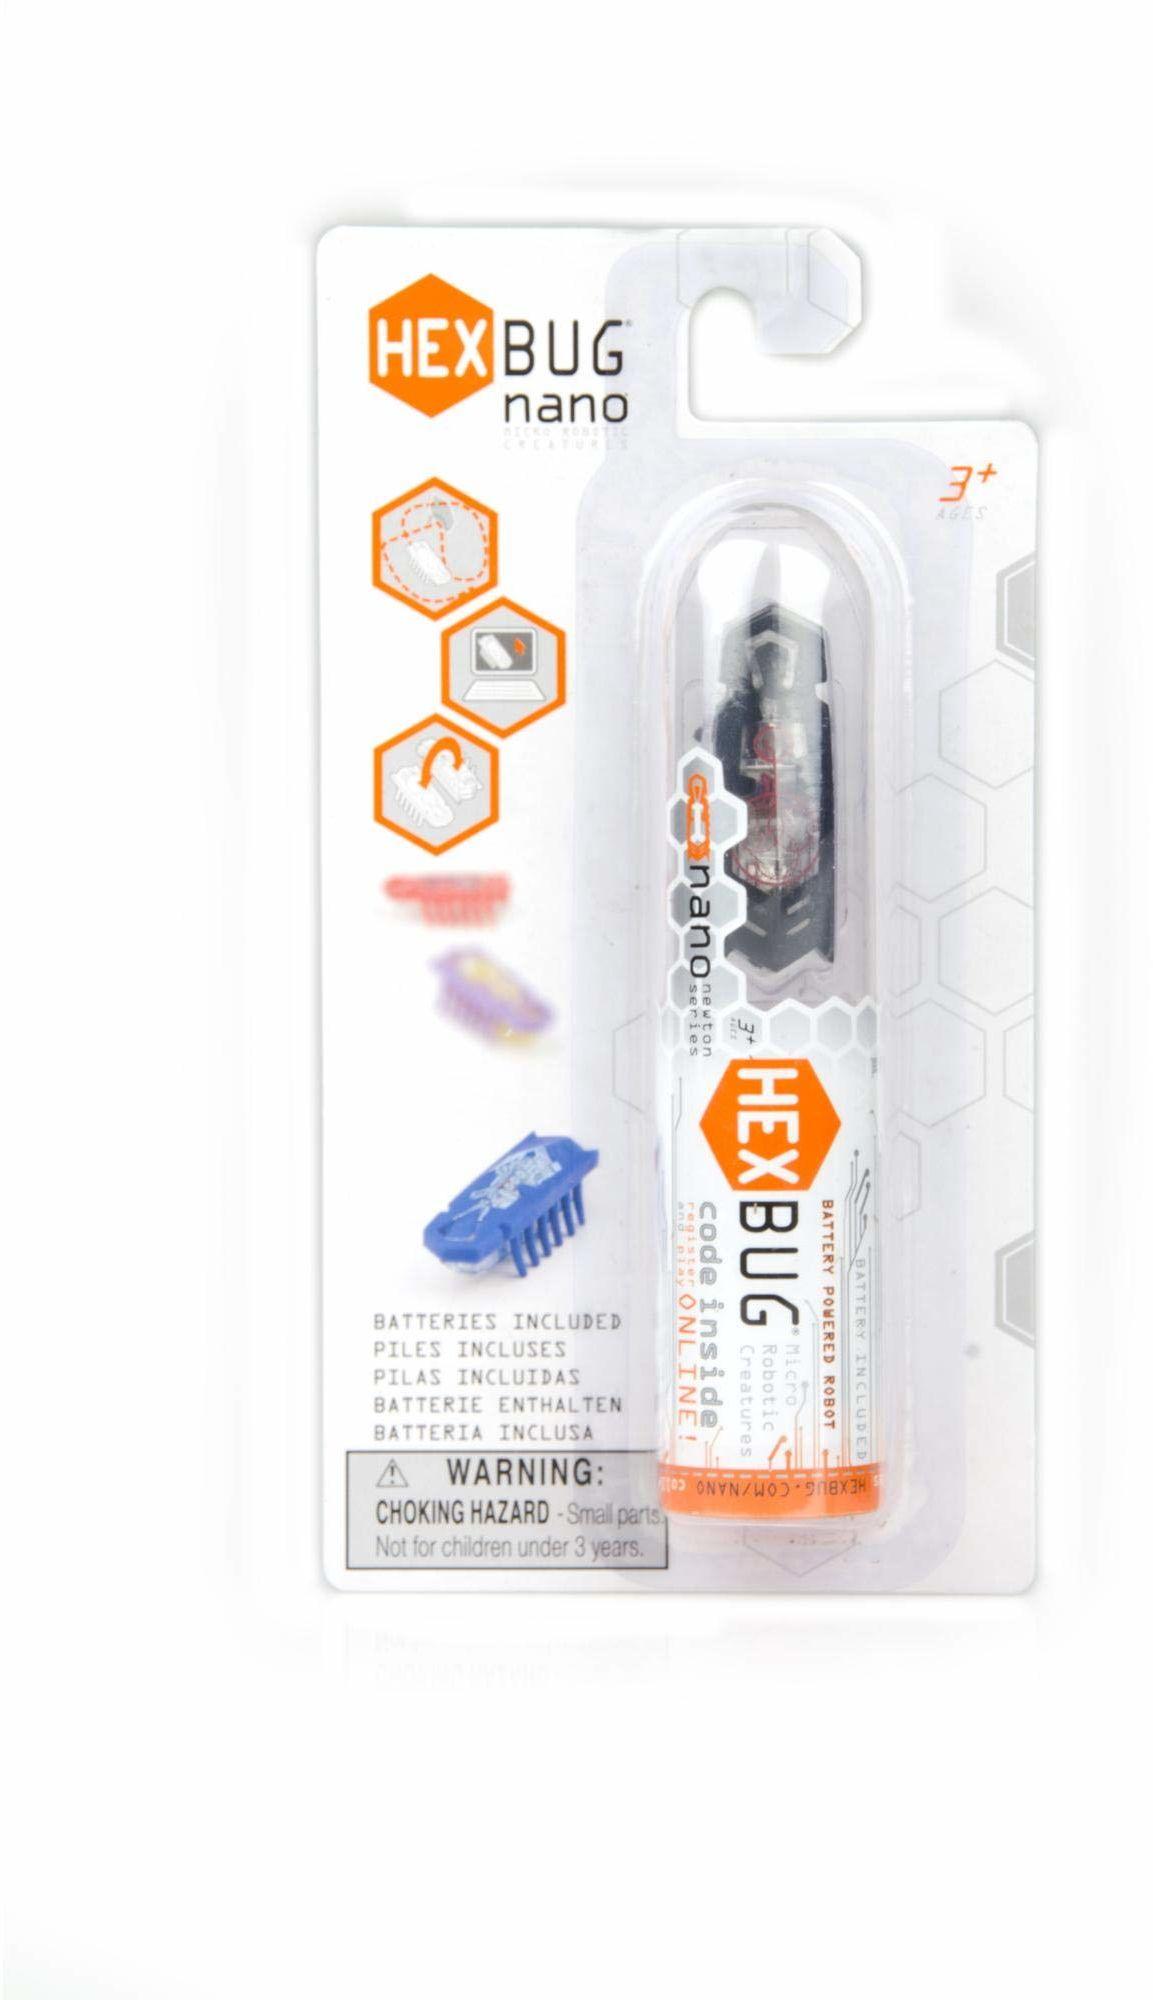 Hexbug 477-2409-30GL30 zgrzebna nano, wielokolorowa